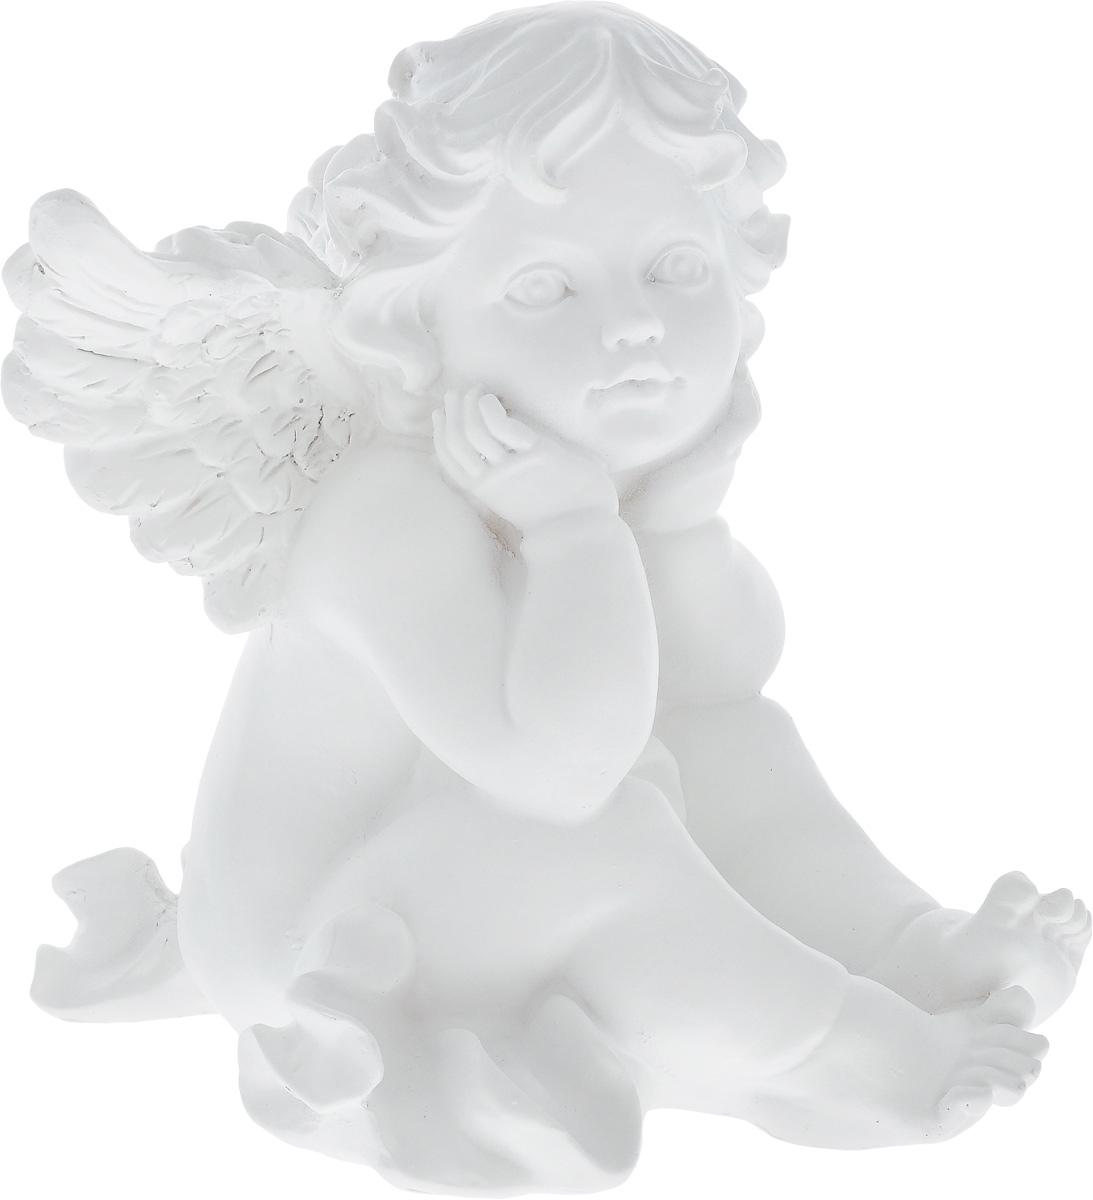 Фигурка декоративная Феникс-Презент Грезы ангела, высота 19,5 смБрелок для ключейФигурка декоративная Феникс-Презент Грезы ангела, выполненная из полирезина, станет оригинальным подарком для всех любителей необычных вещей. Изделие имеет приятный дизайн. Изысканный сувенир станет прекрасным дополнением к интерьеру. Вы можете поставить фигурку в любом месте, где она будет удачно смотреться и радовать глаз.